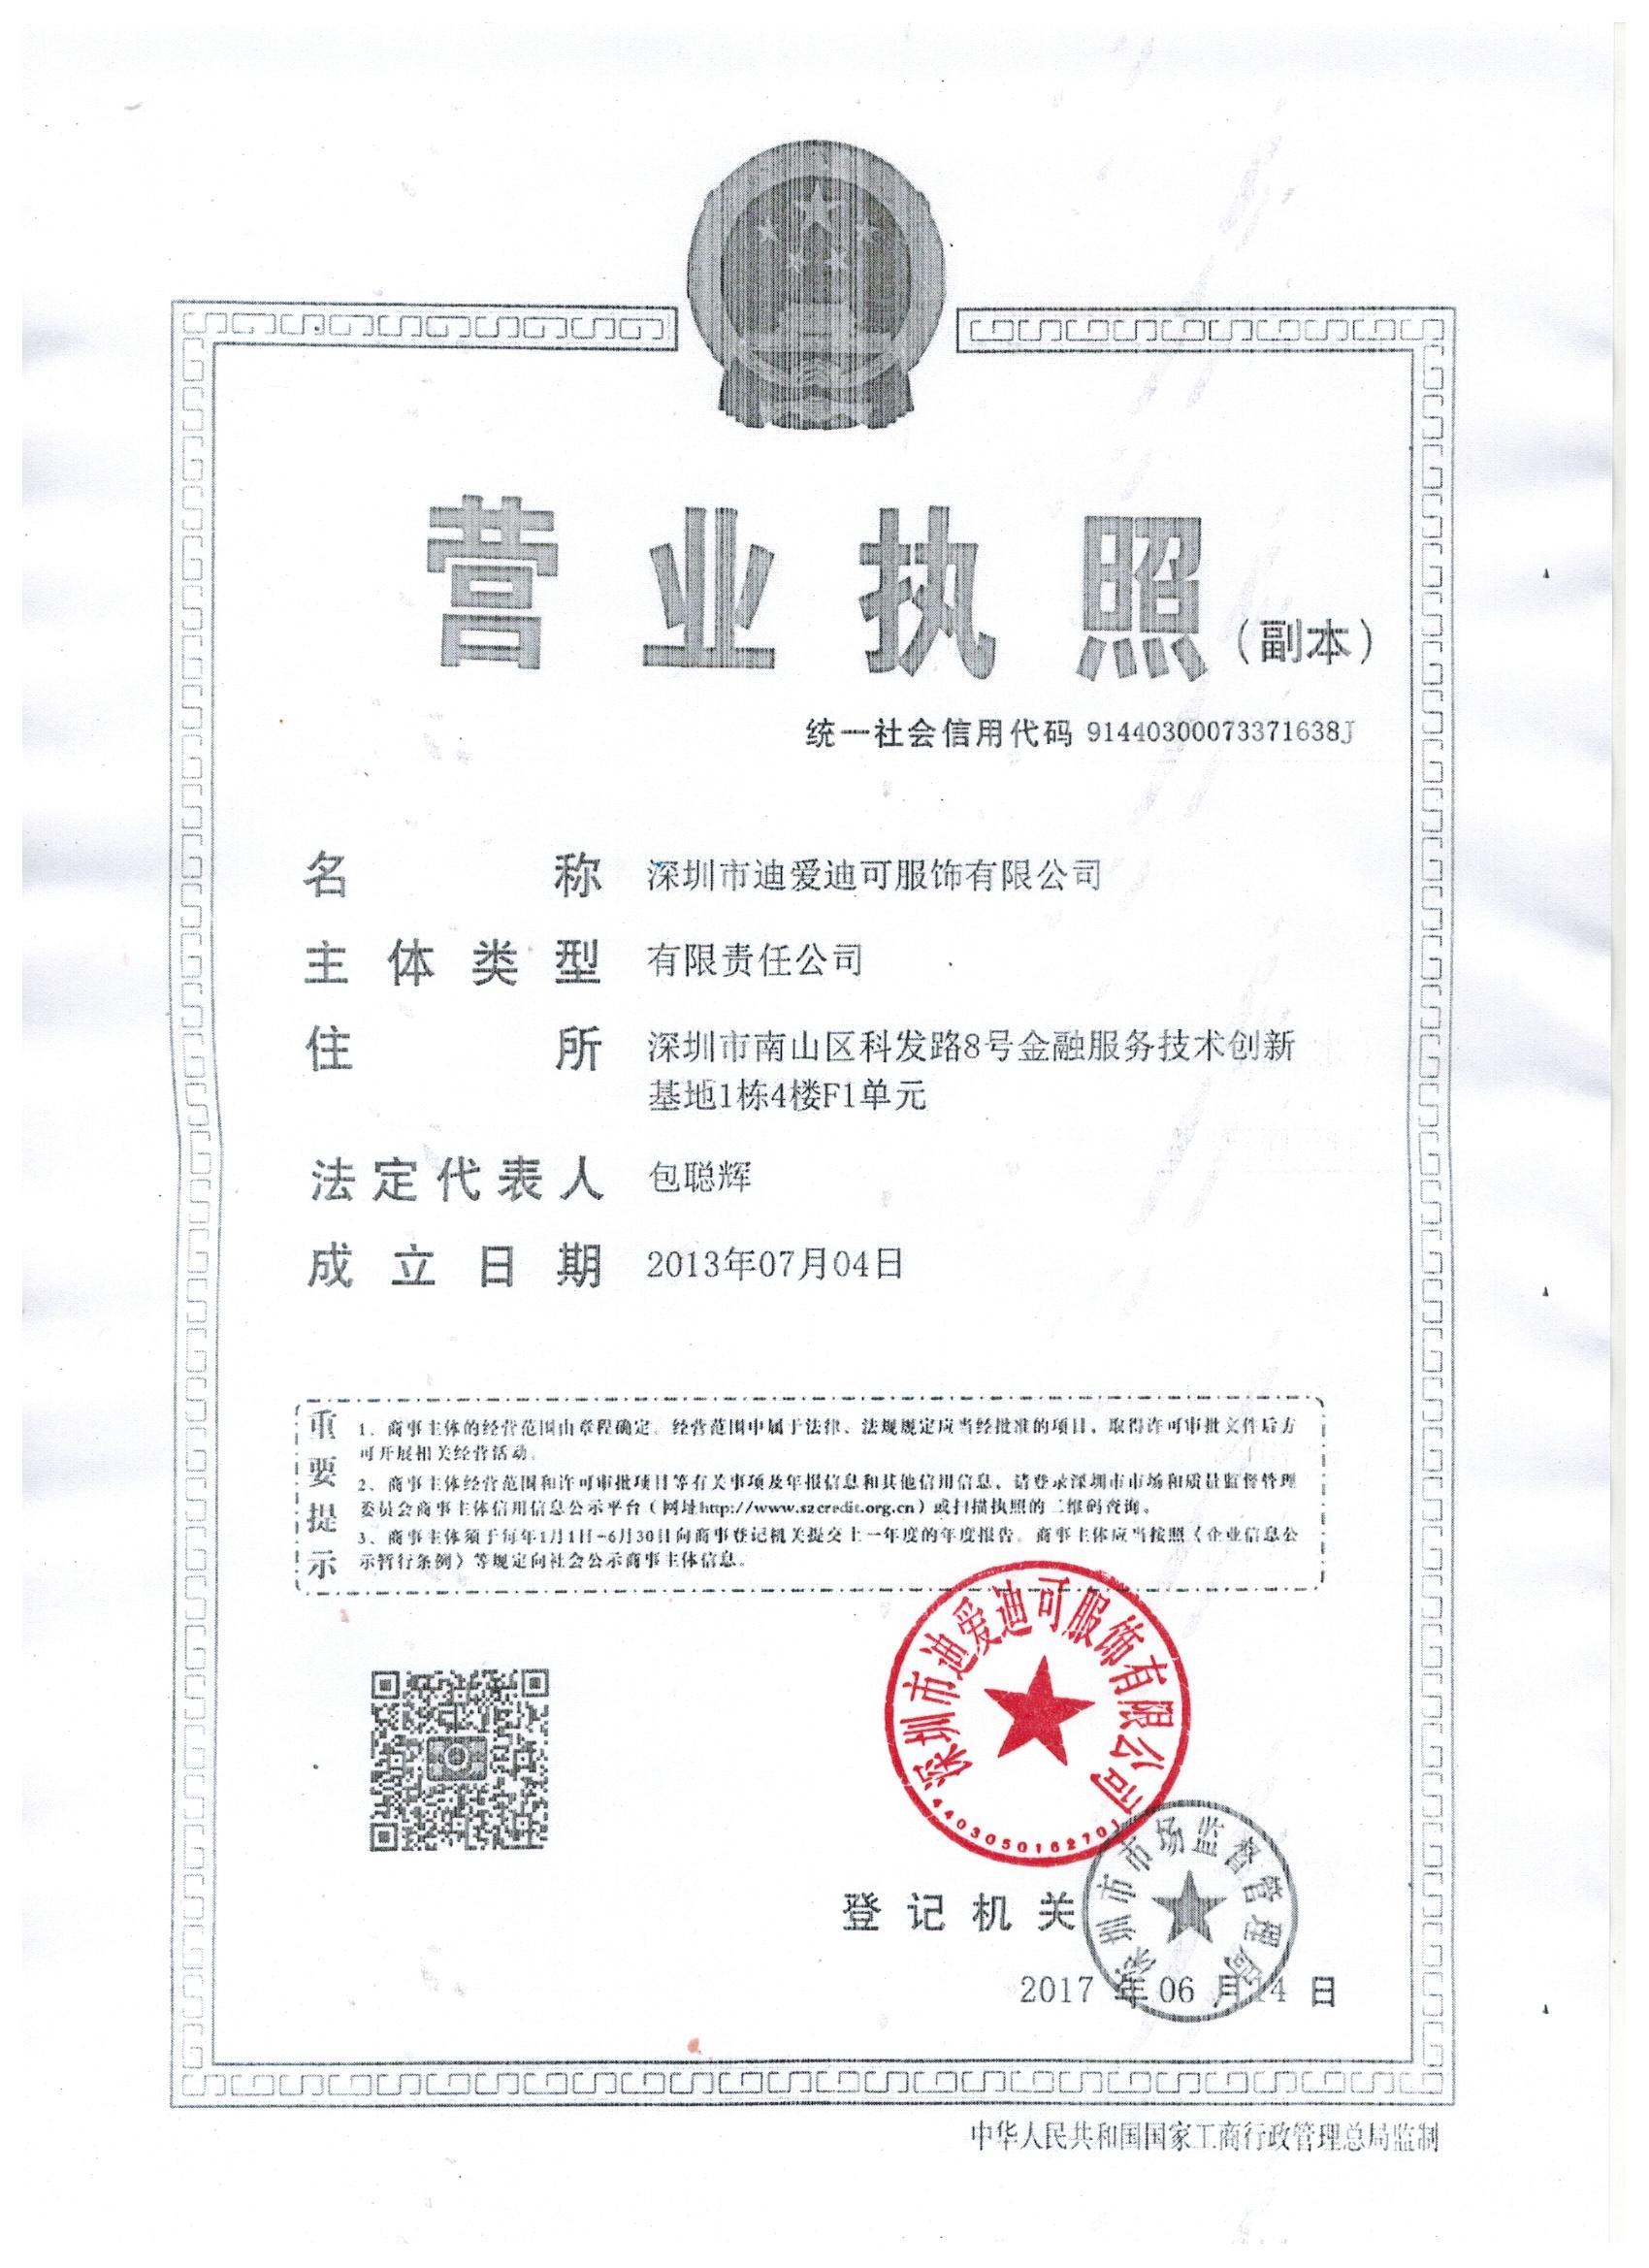 深圳市迪爱迪可服饰有限公司企业档案